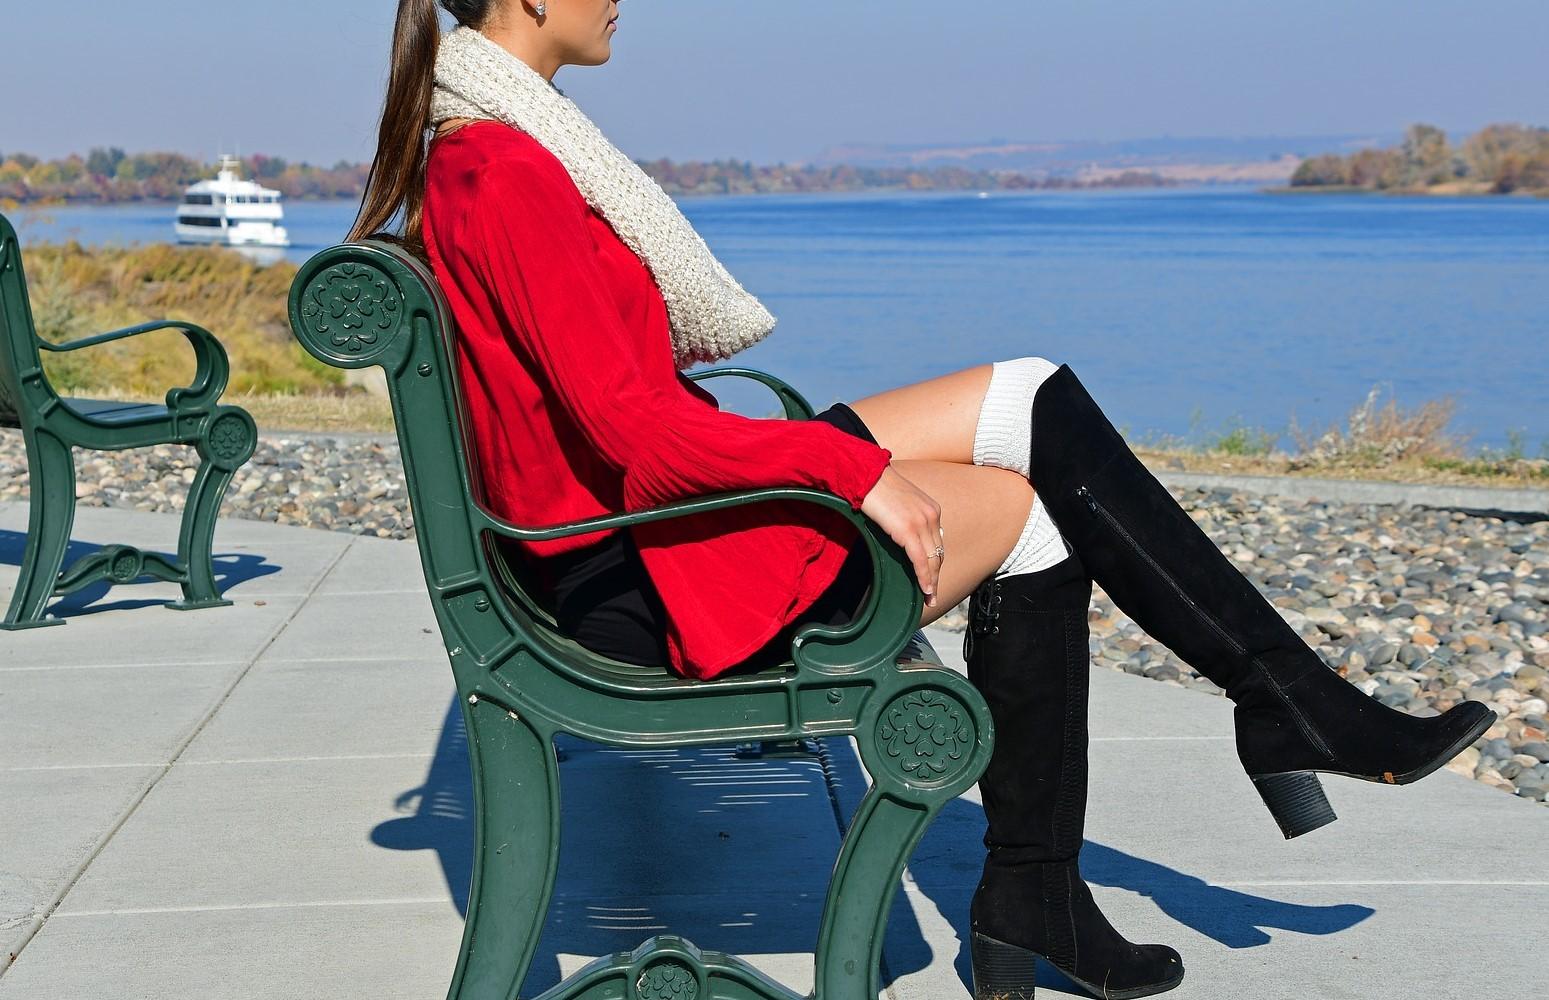 赤いコートを着て椅子に座るモデルスタイルの美しい女性